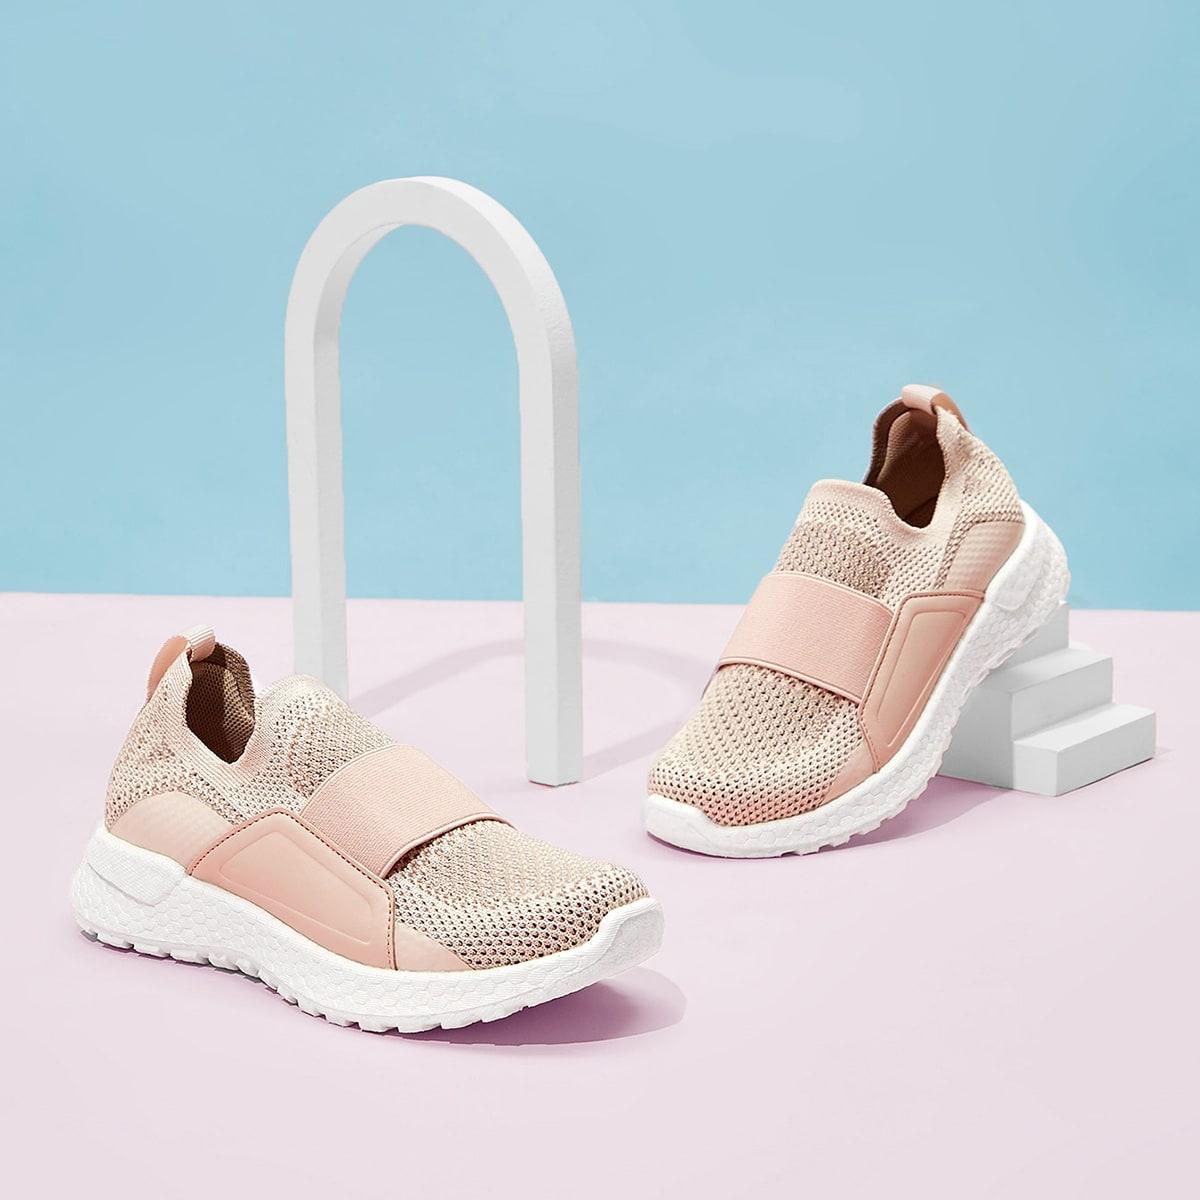 Беговая обувь для девочек от SHEIN